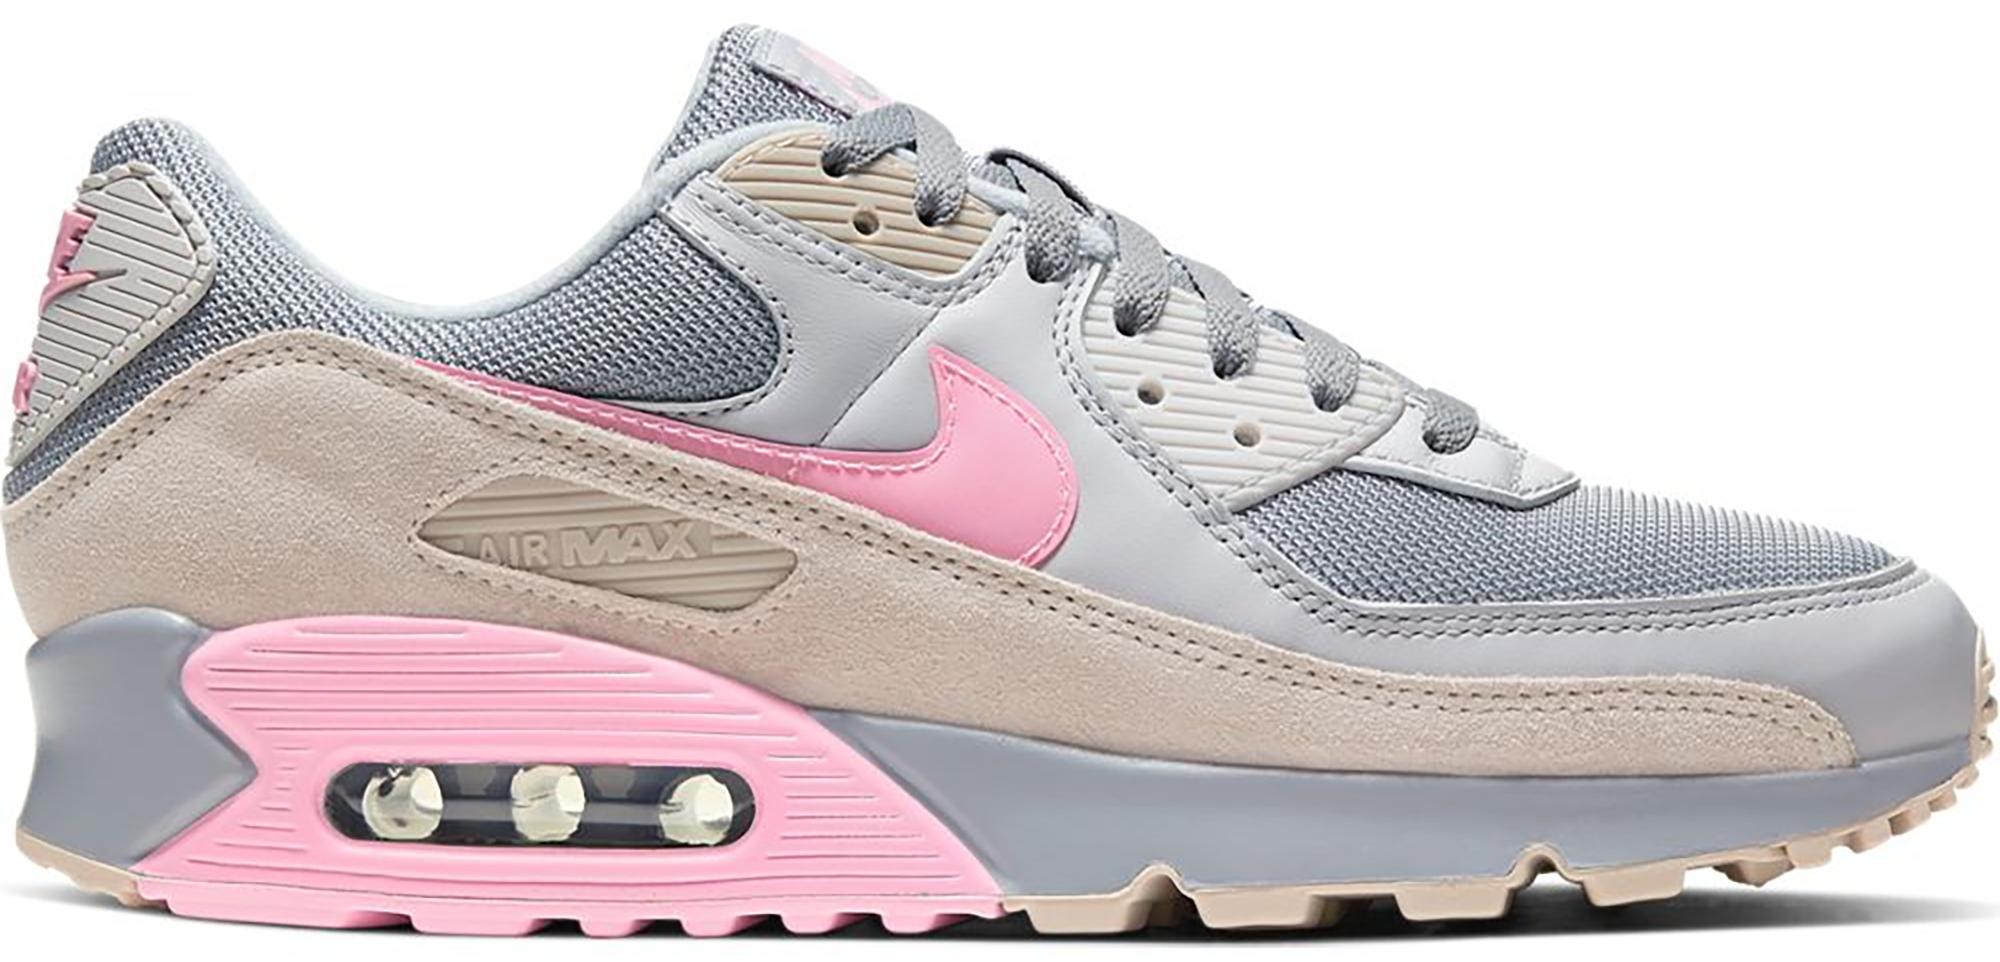 Nike Air Max 90 Vast Grey Pink - CW7483-001